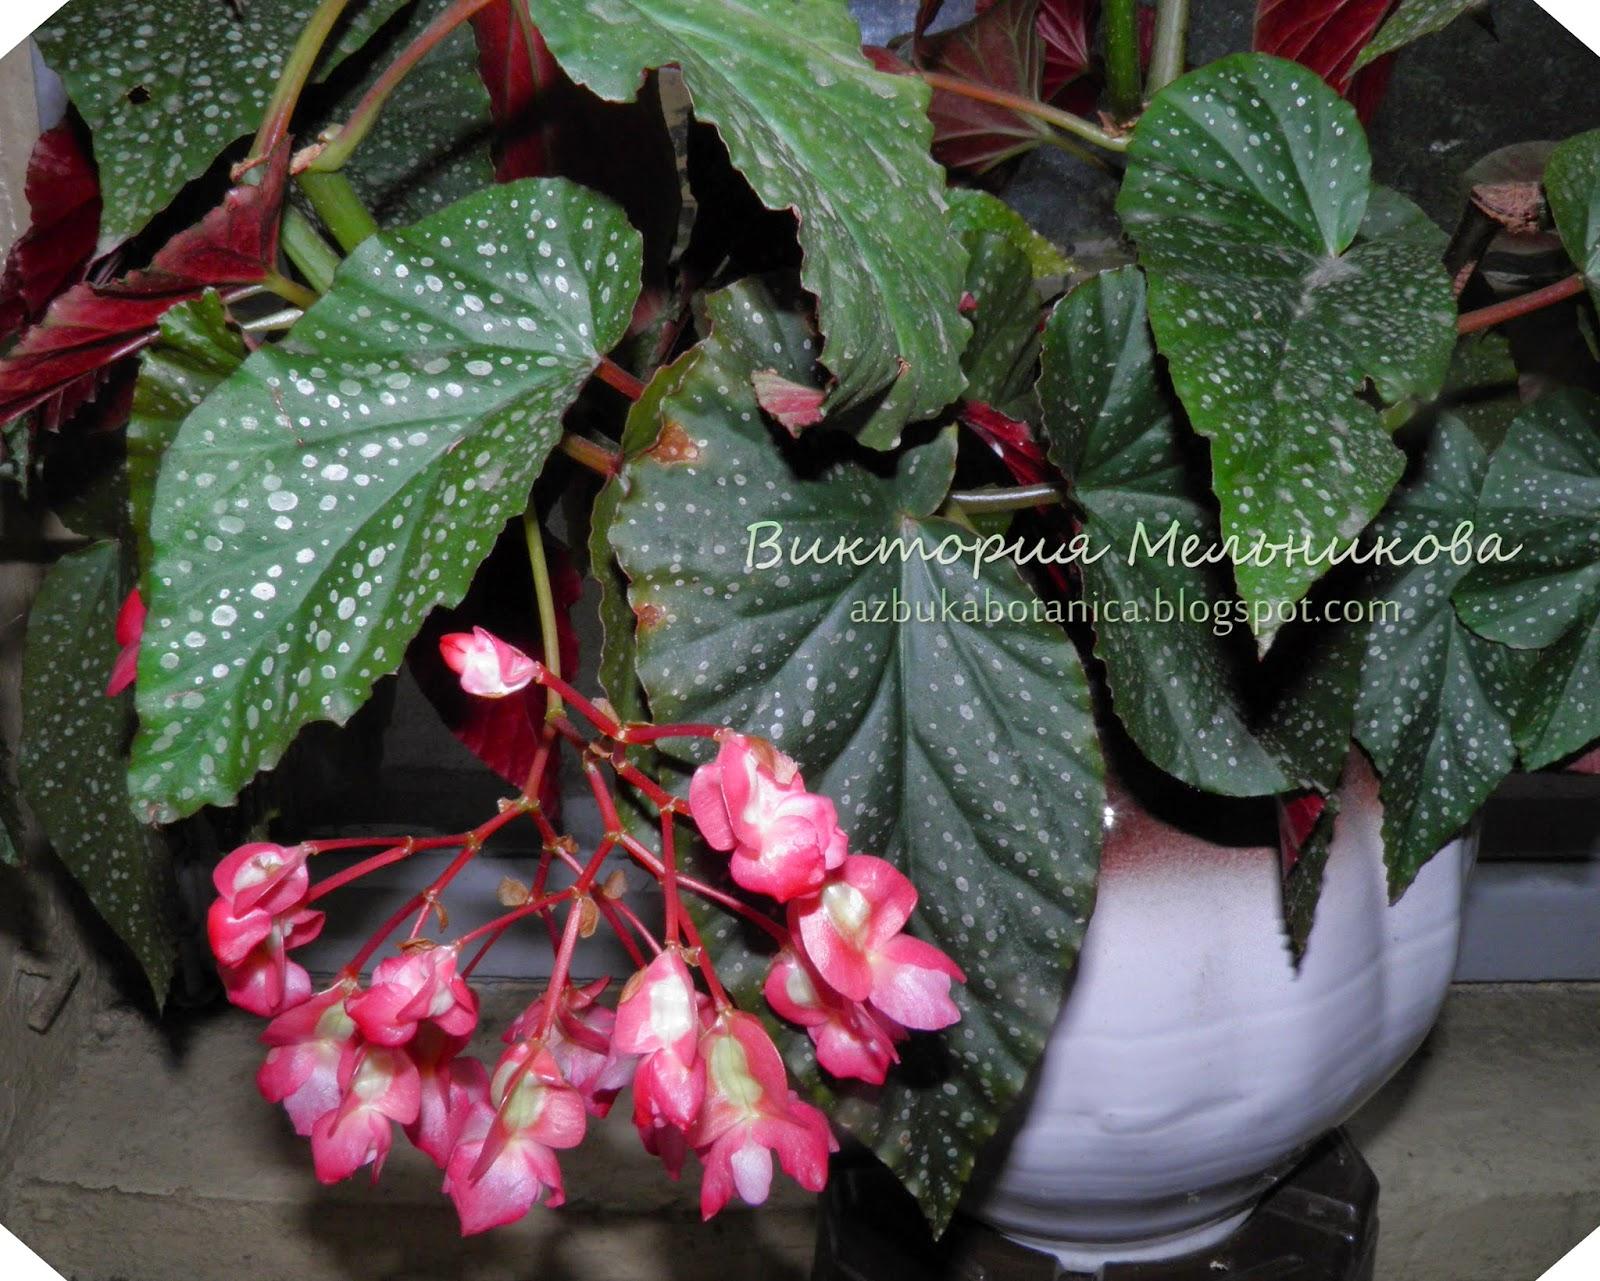 Блог о цветах и цветоводстве: 15 самых красивых цветущих ...: http://azbukabotanica.blogspot.com/2015/02/15-angel-wing.html